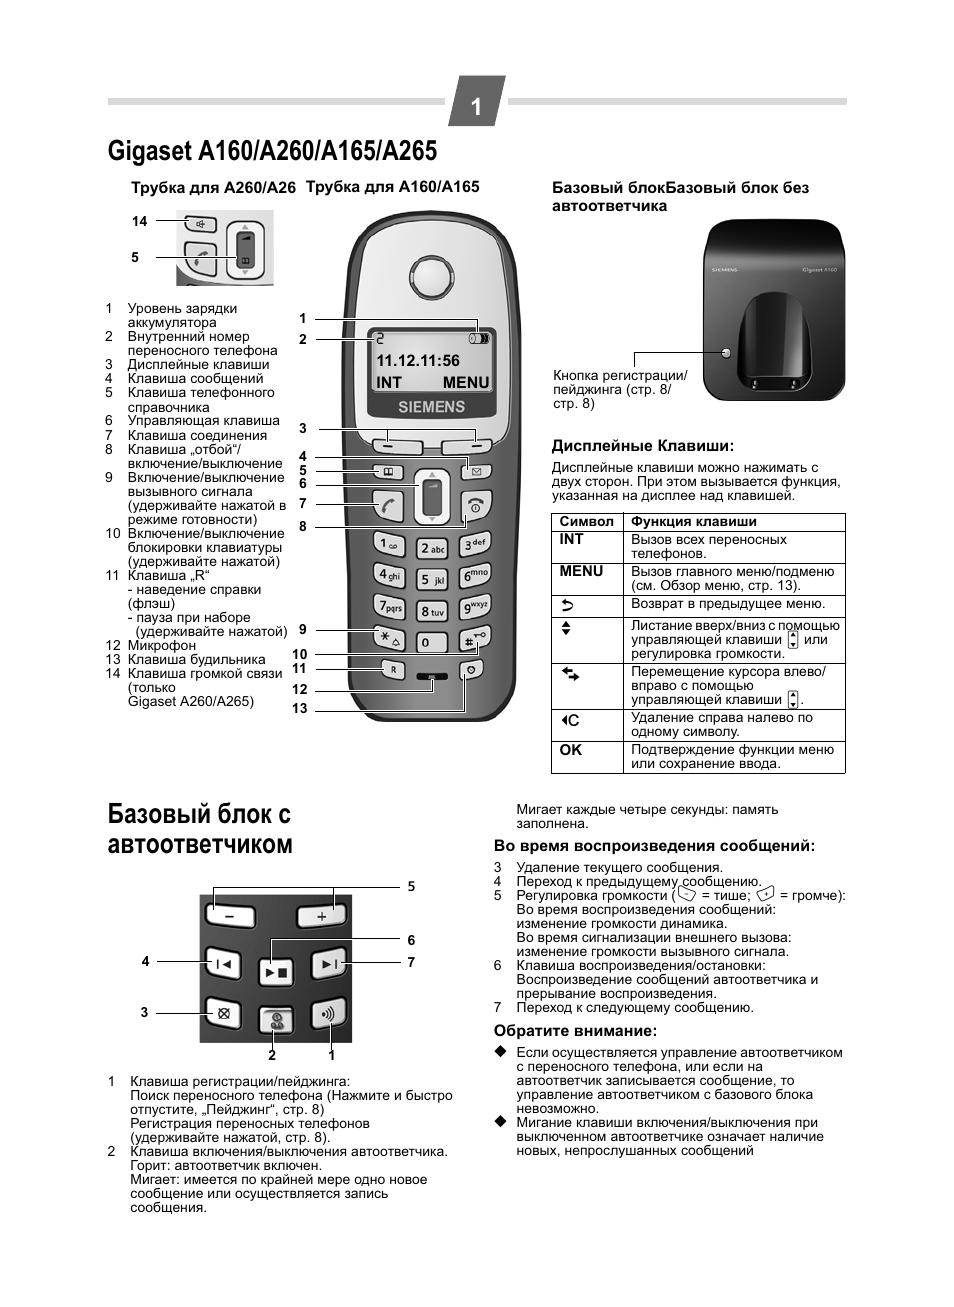 инструкция к телефону сименс gigaset а260